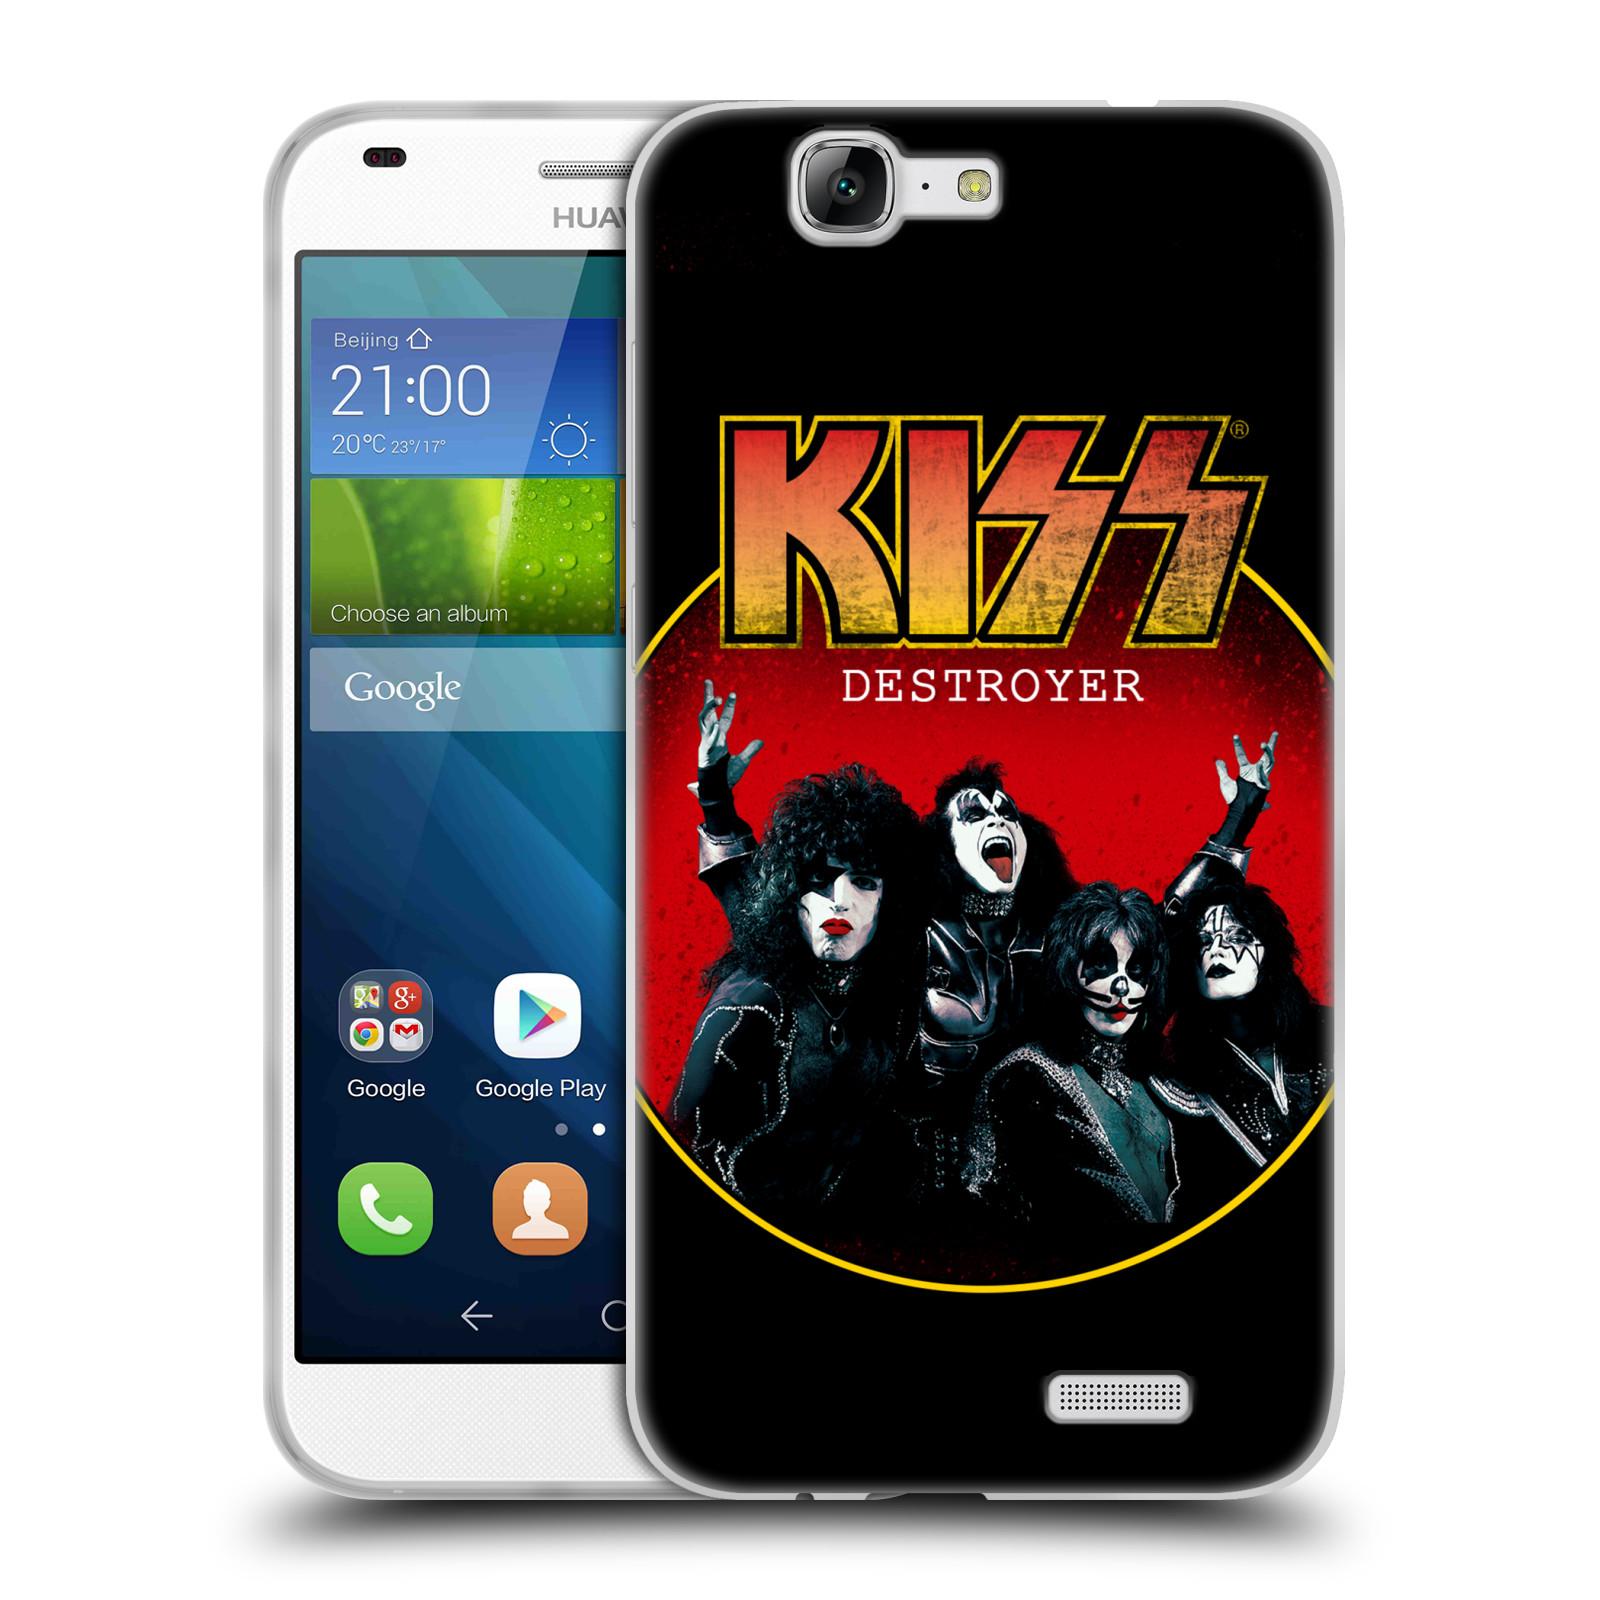 Silikonové pouzdro na mobil Huawei Ascend G7 HEAD CASE - Kiss - Destroyer (Silikonový kryt či obal na mobilní telefon s licencovaným motivem Kiss pro Huawei Ascend G7)